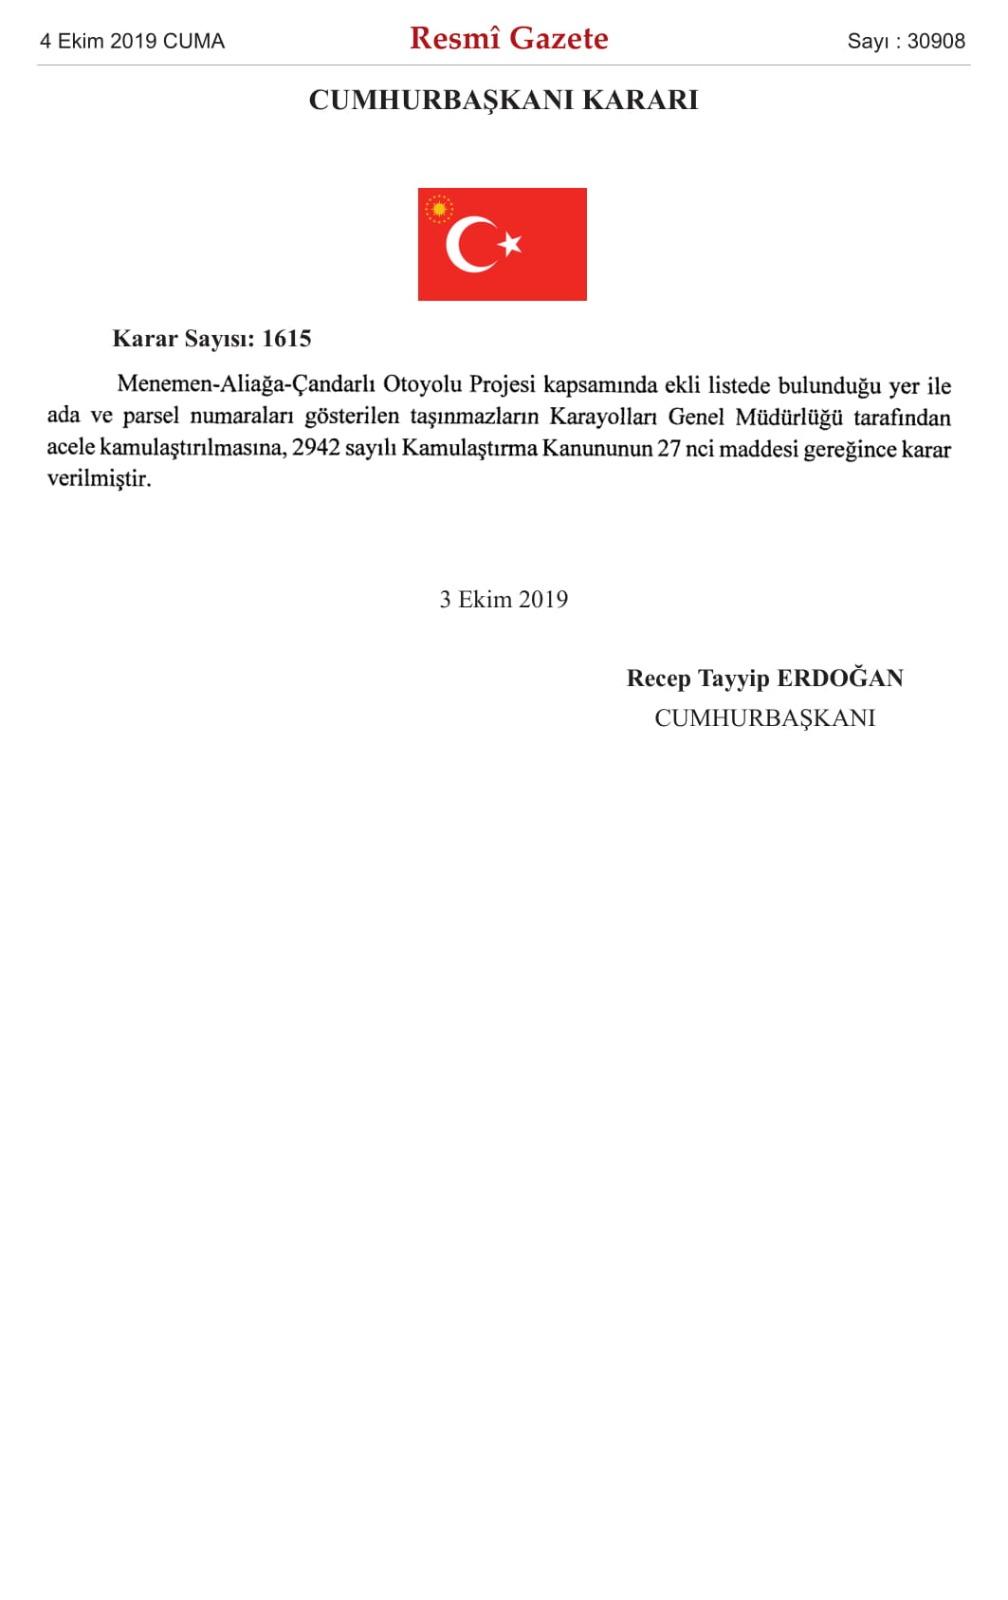 MENEMEN-ALİAĞA-ÇANDARLI OTOYOLU PROJESİ KAPSAMINDA, ACELE KAMULAŞTIRMA KARARI..